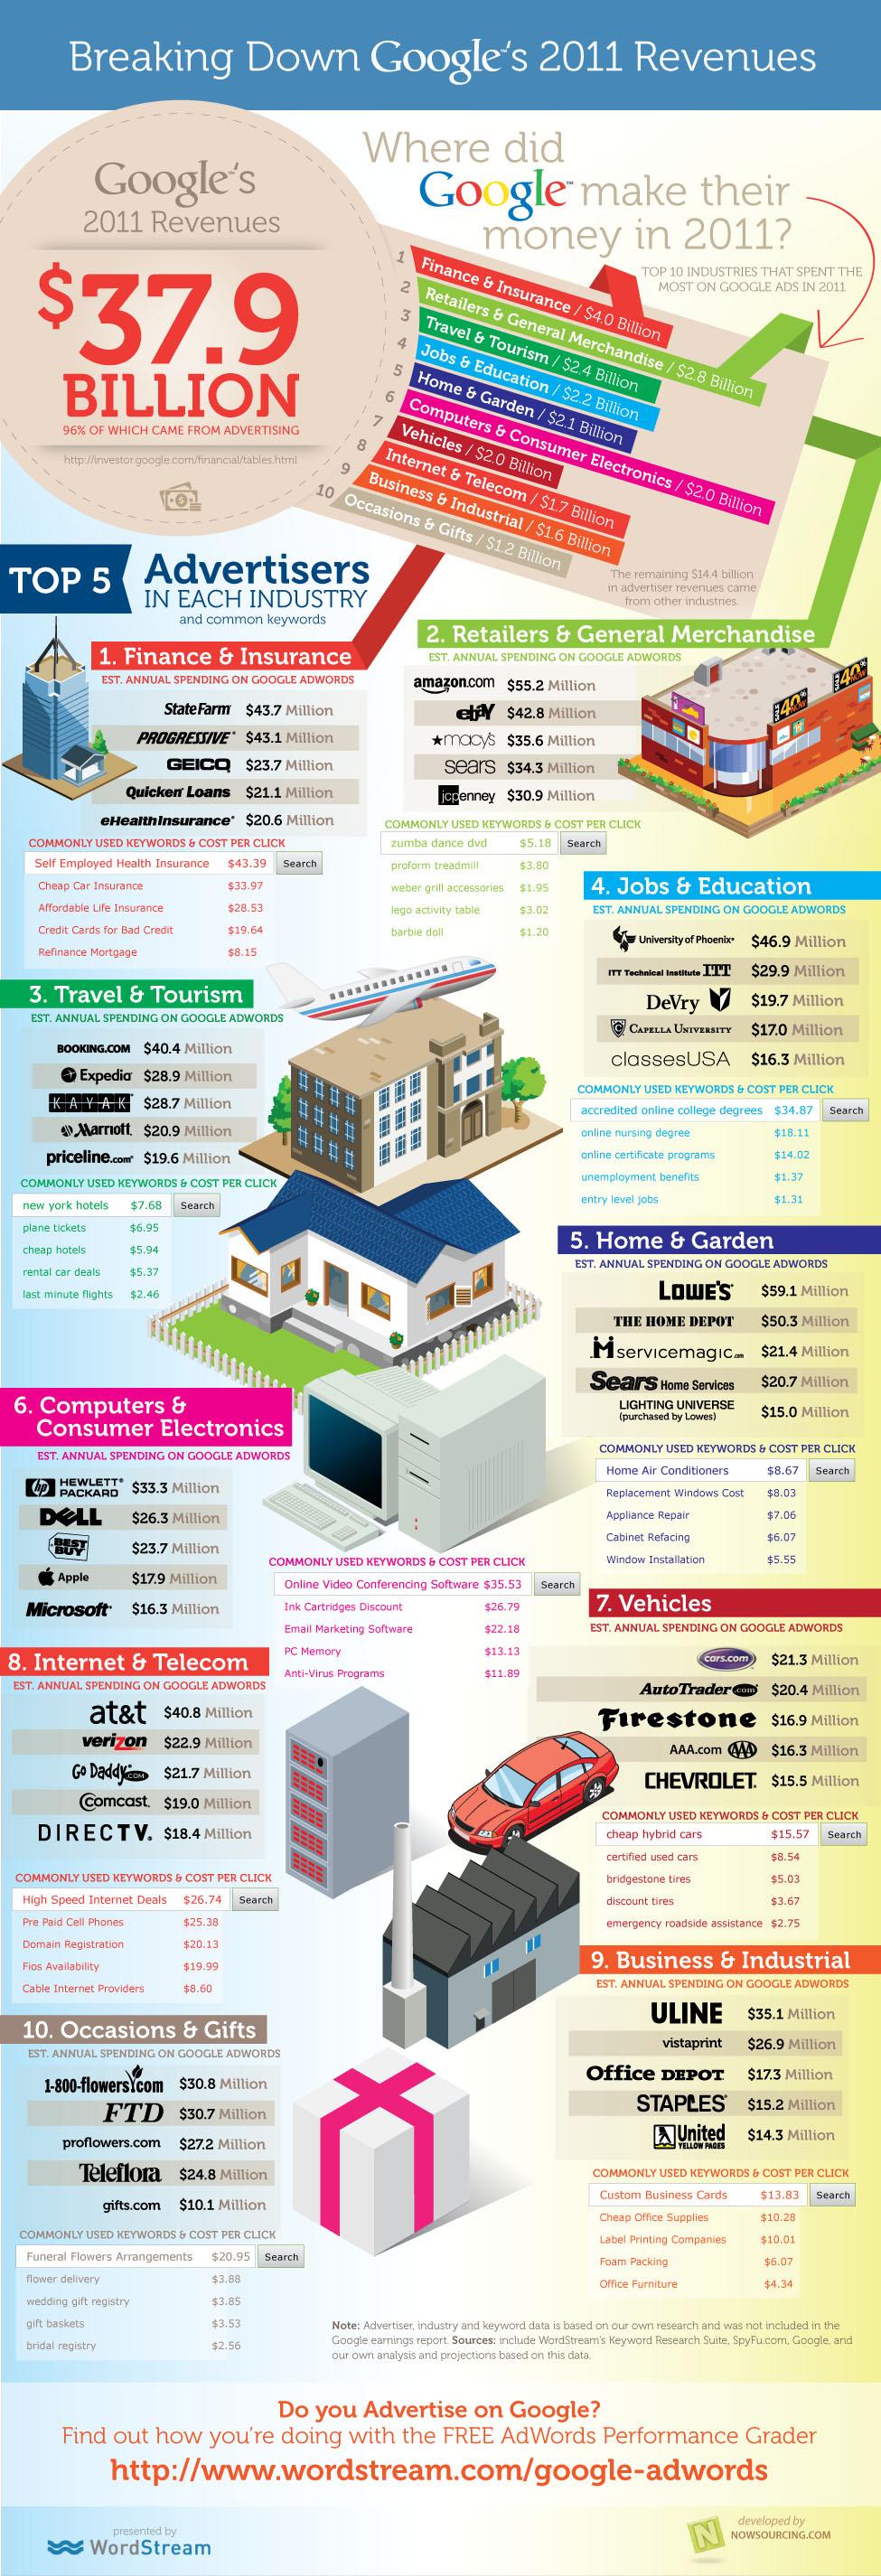 Le chiffre d'affaires de Google en 2011